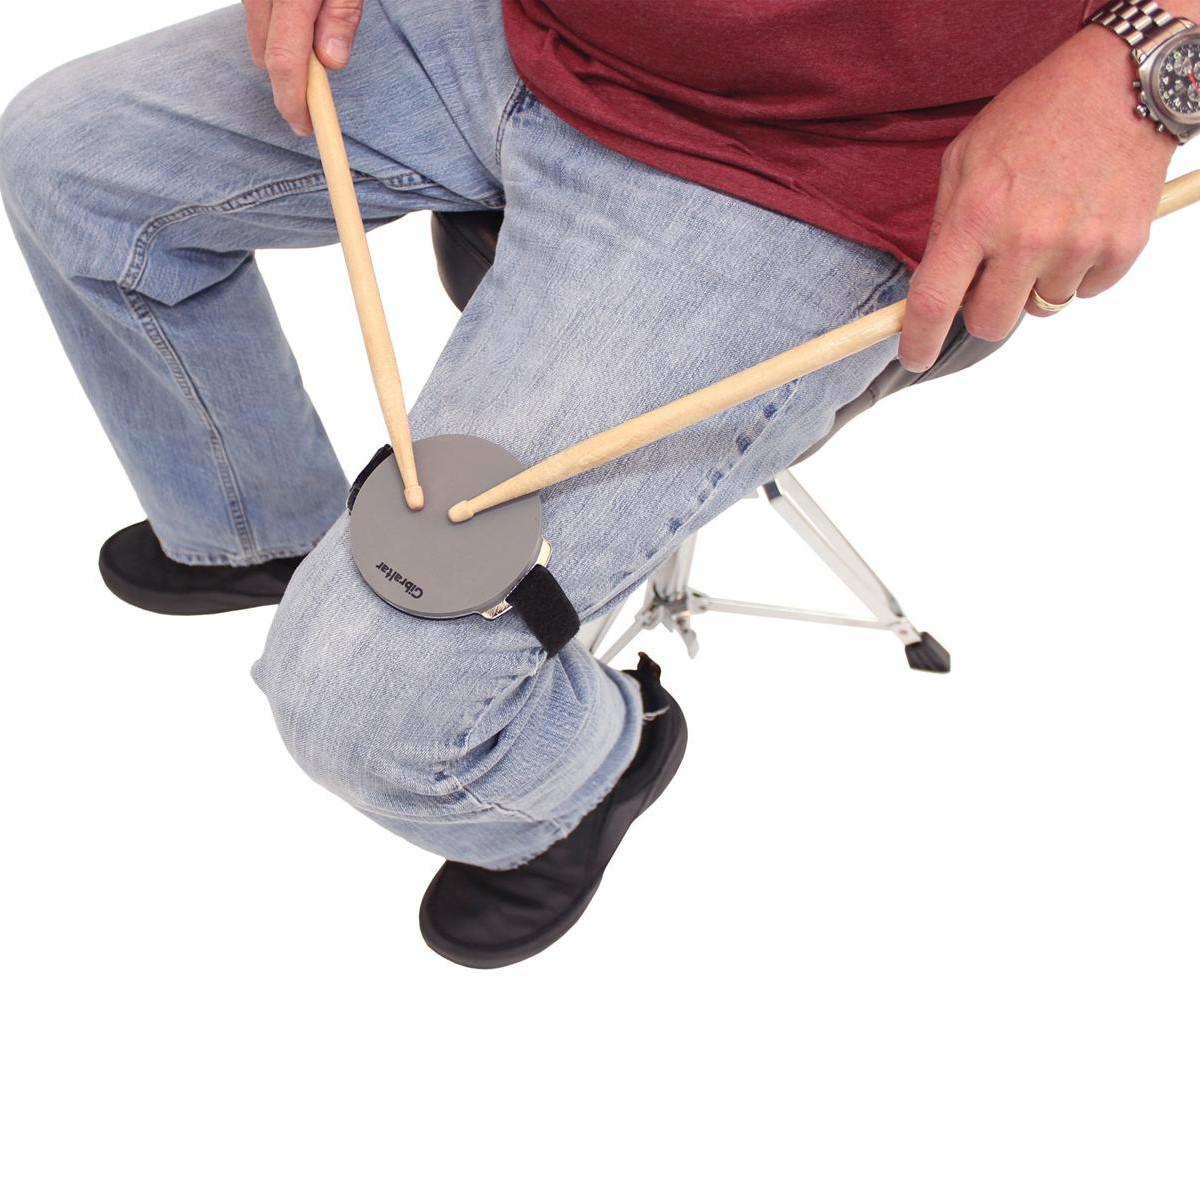 gibraltar pocket drum practice pad at gear4music. Black Bedroom Furniture Sets. Home Design Ideas